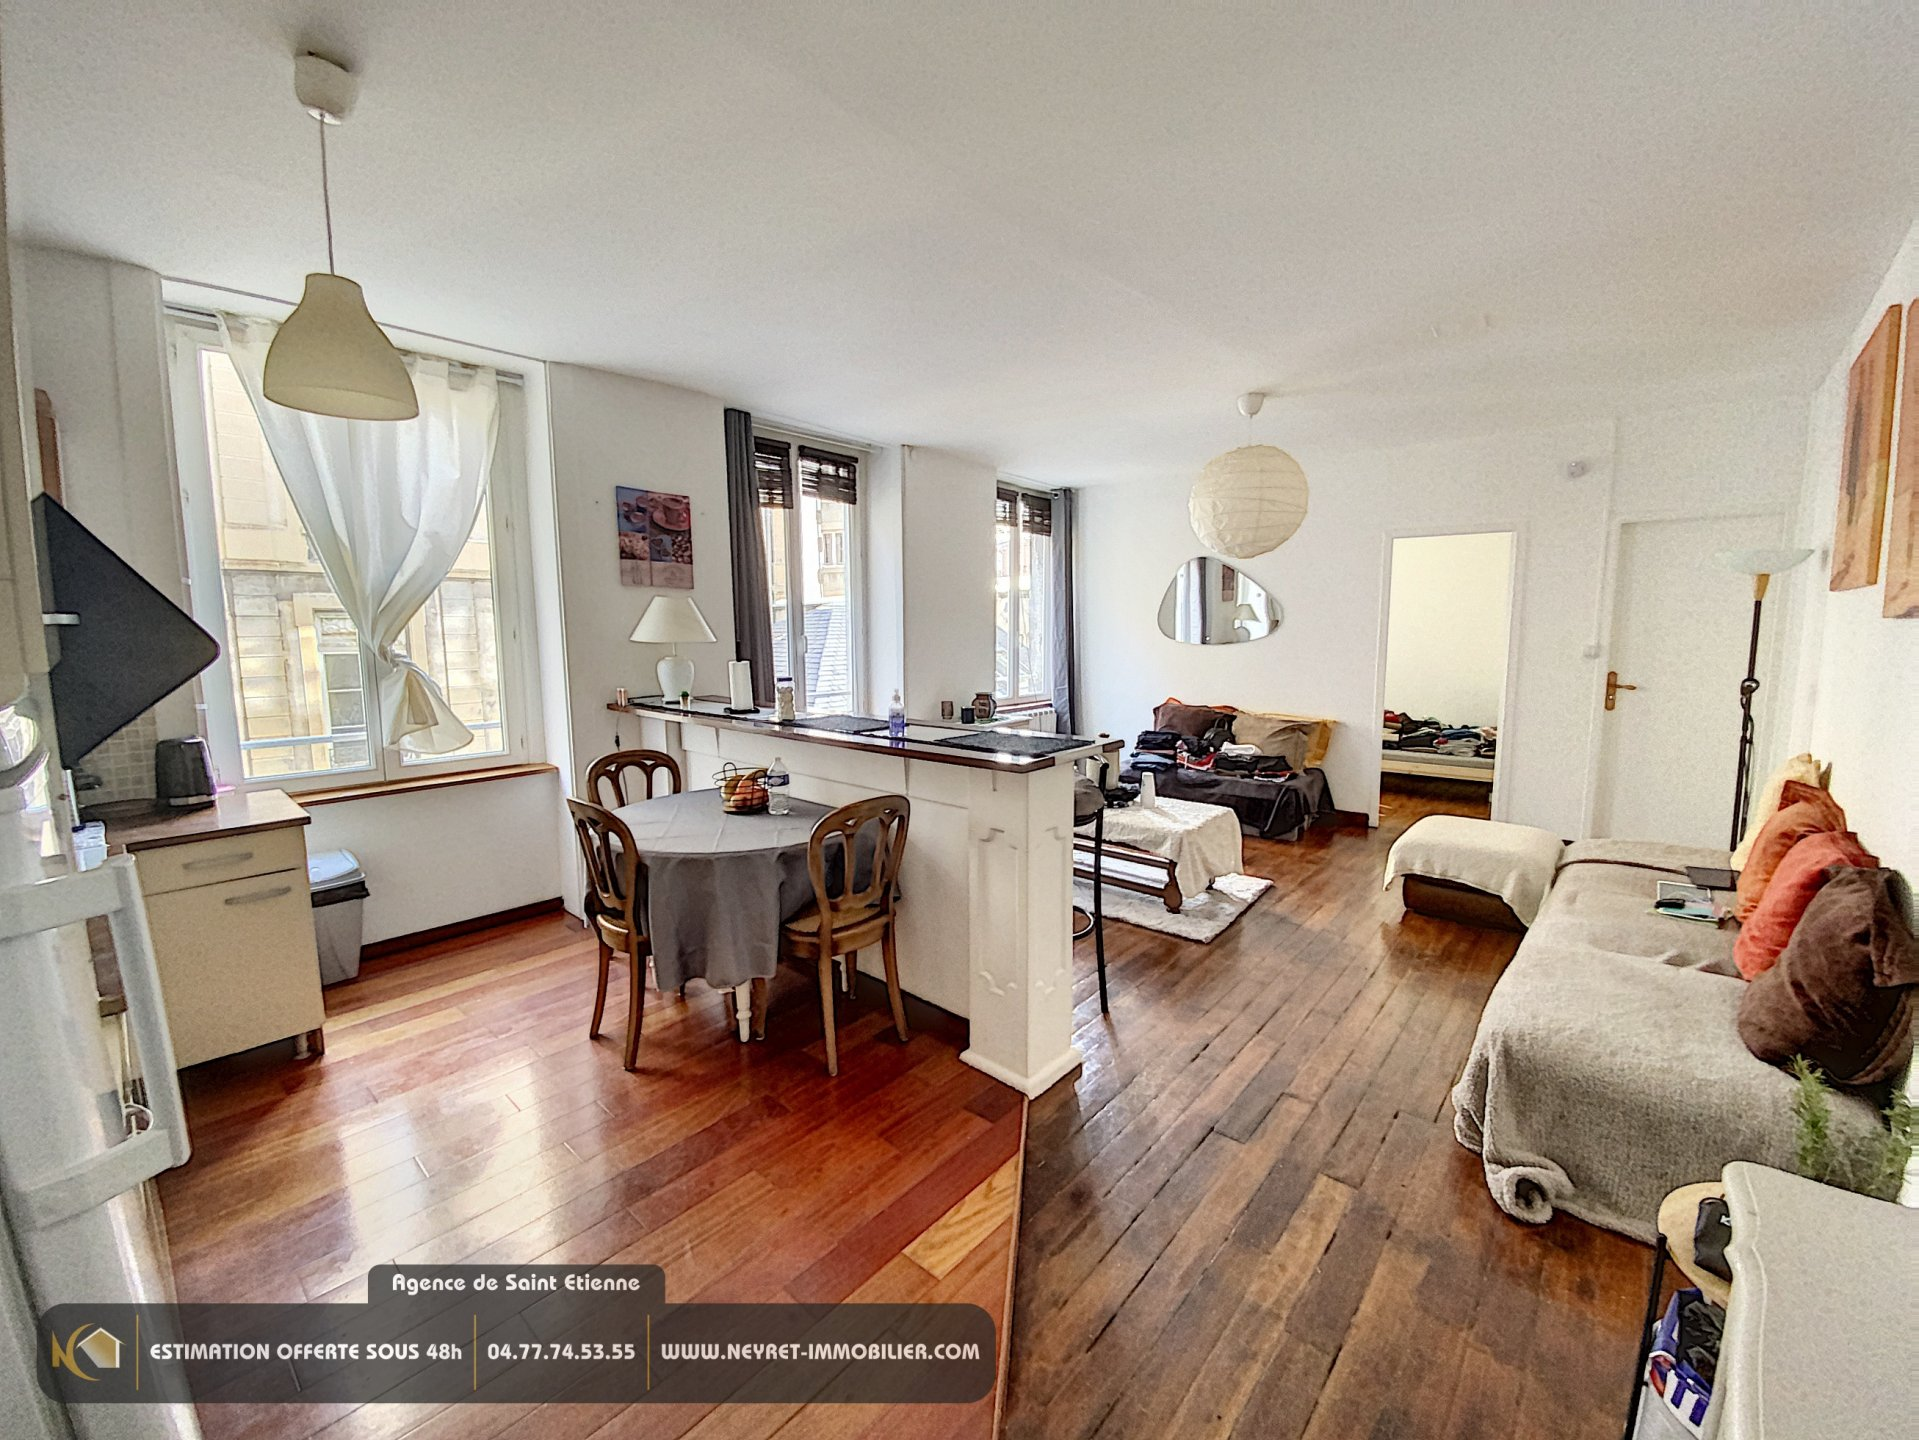 appartement HYPER centre Saint Etienne